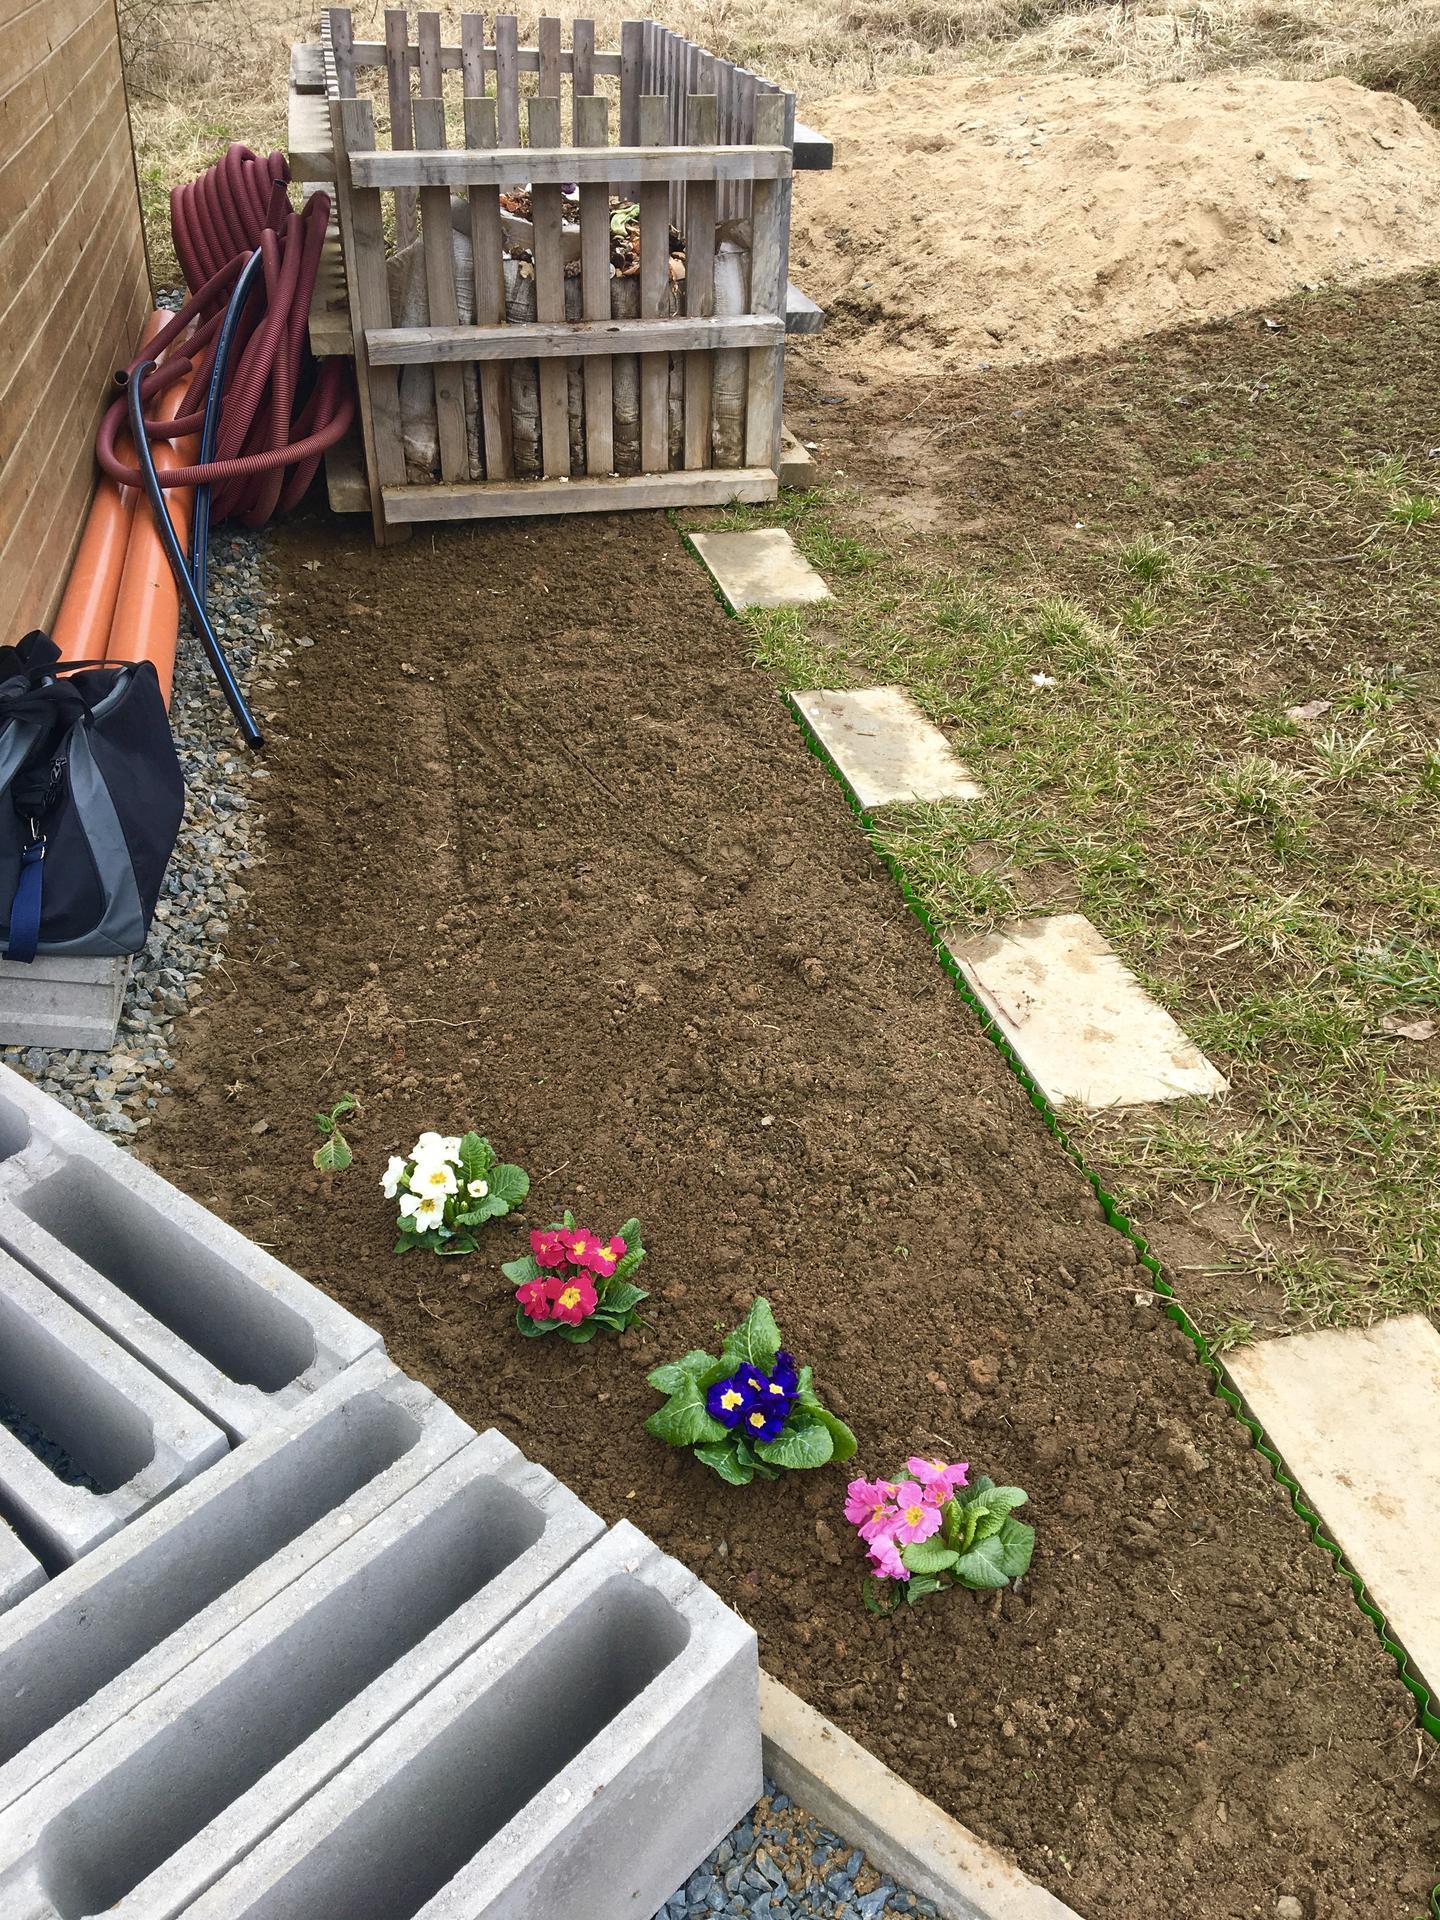 Skřítčí zahrada 2021 - Březen 2021 - nový květinový záhon v polostínu/stínu, plánuju tam hosty, orlíčky, pomněnky, možná srdcovku a ještě mě snad napadne něco s nápadnějšími většími květy